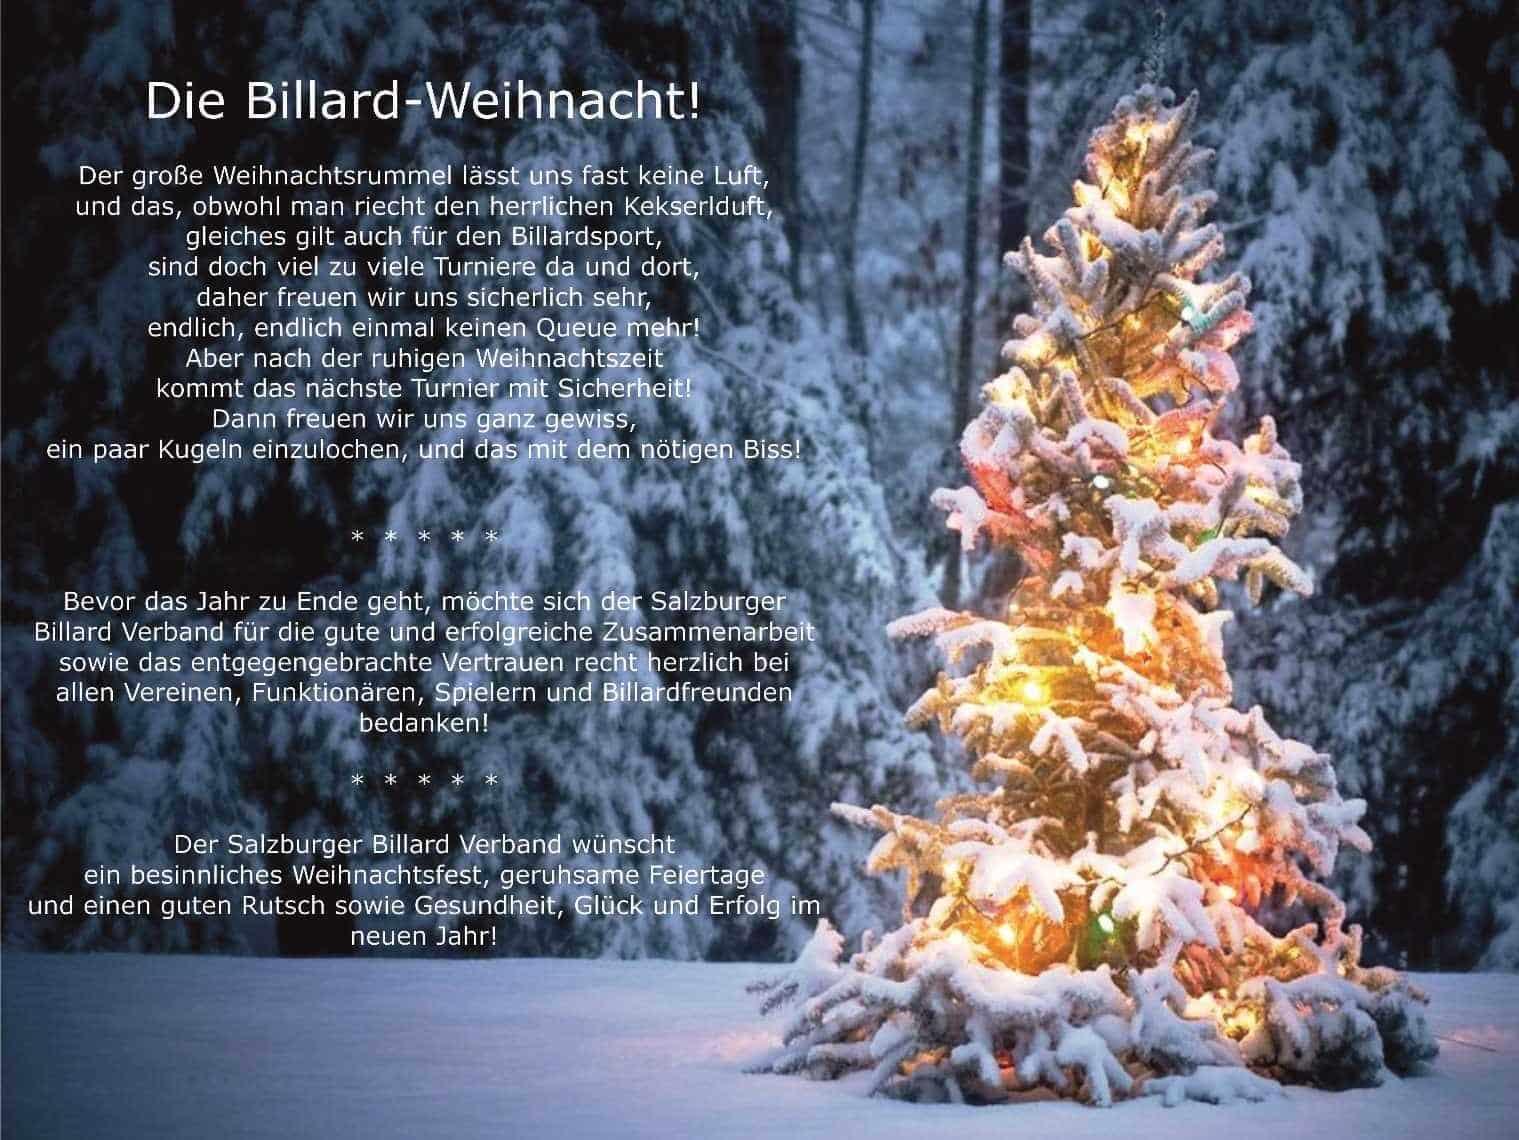 Besinnliche Bilder Weihnachten.Der Sbv Wünscht Schöne Und Besinnliche Weihnachten Salzburger